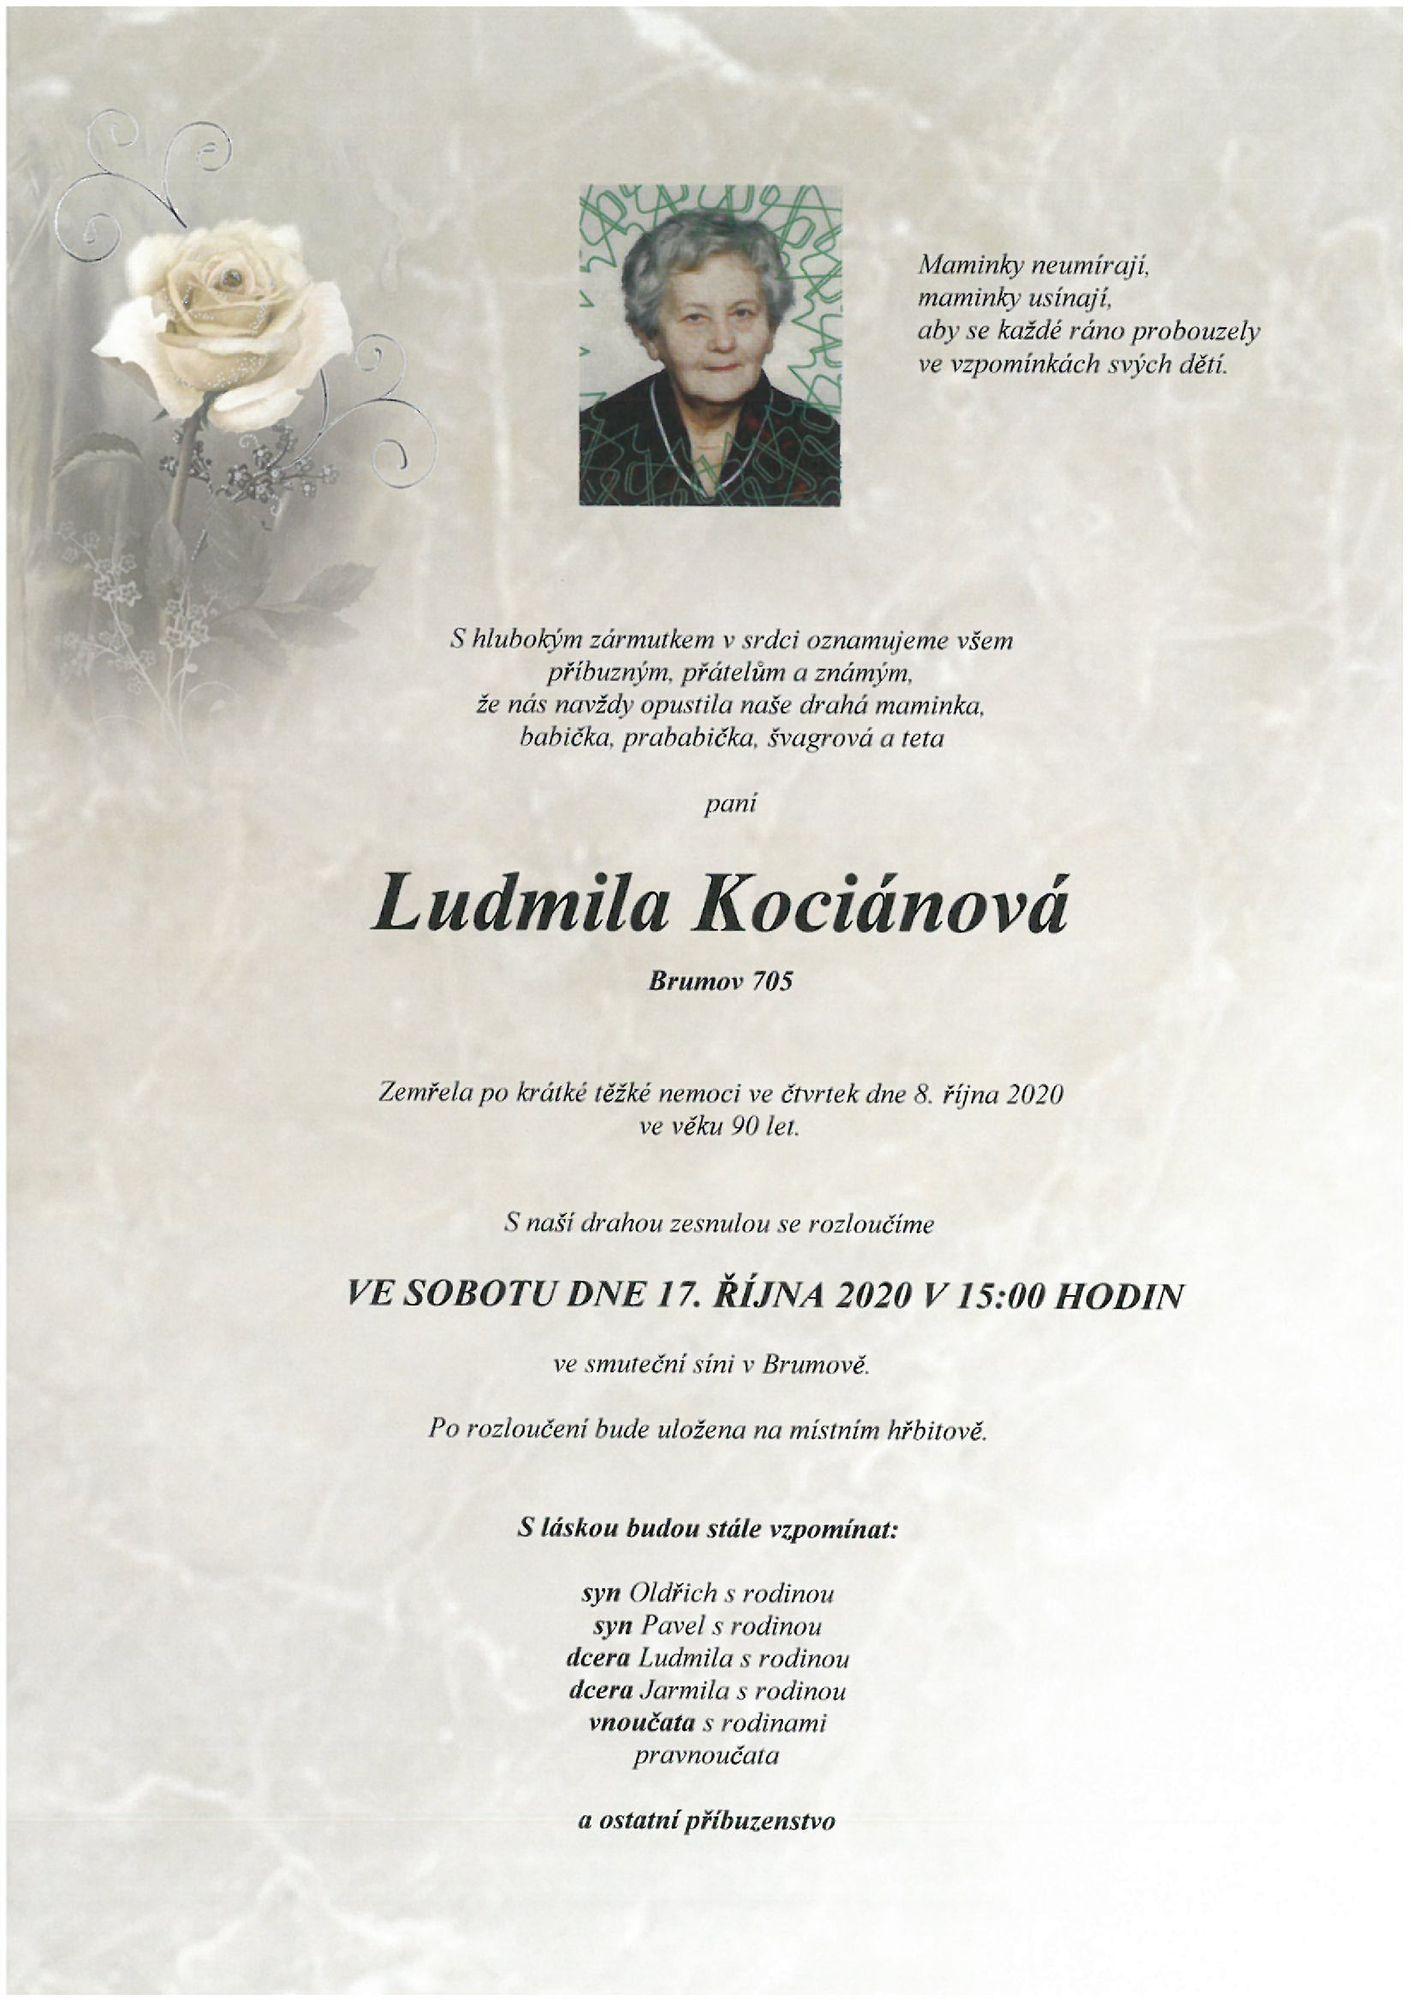 Ludmila Kociánová